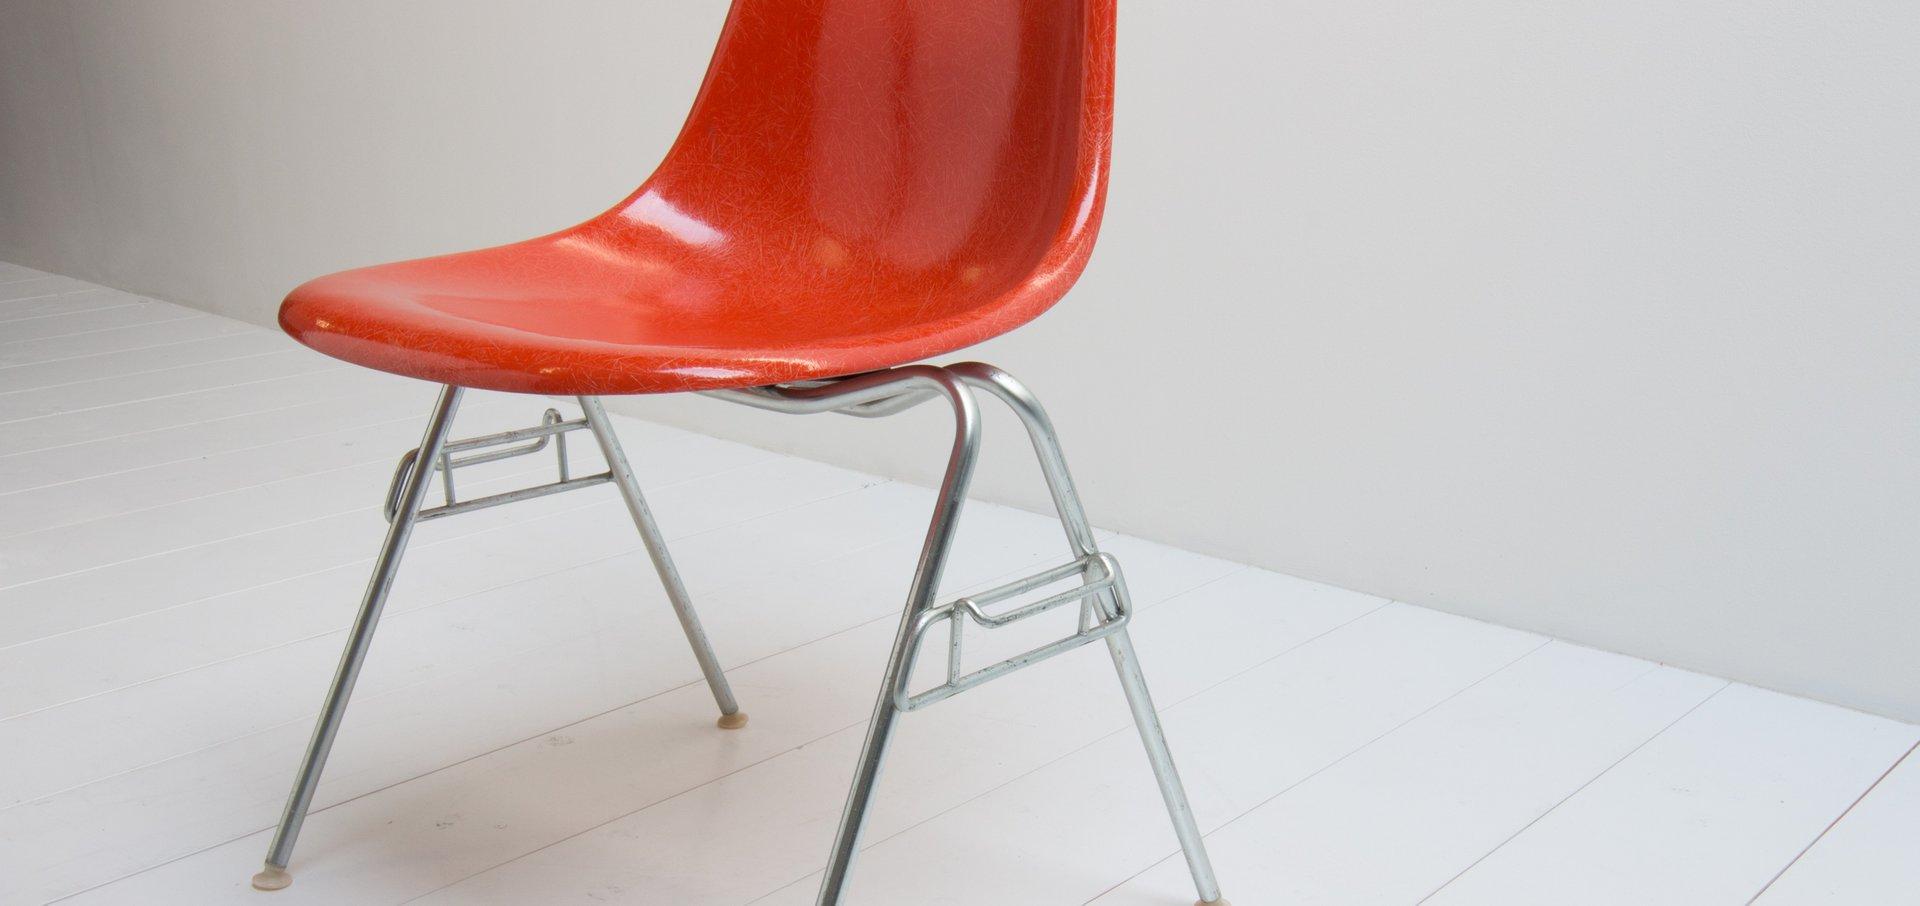 roter vintage dss stuhl von charles ray eames f r herman. Black Bedroom Furniture Sets. Home Design Ideas